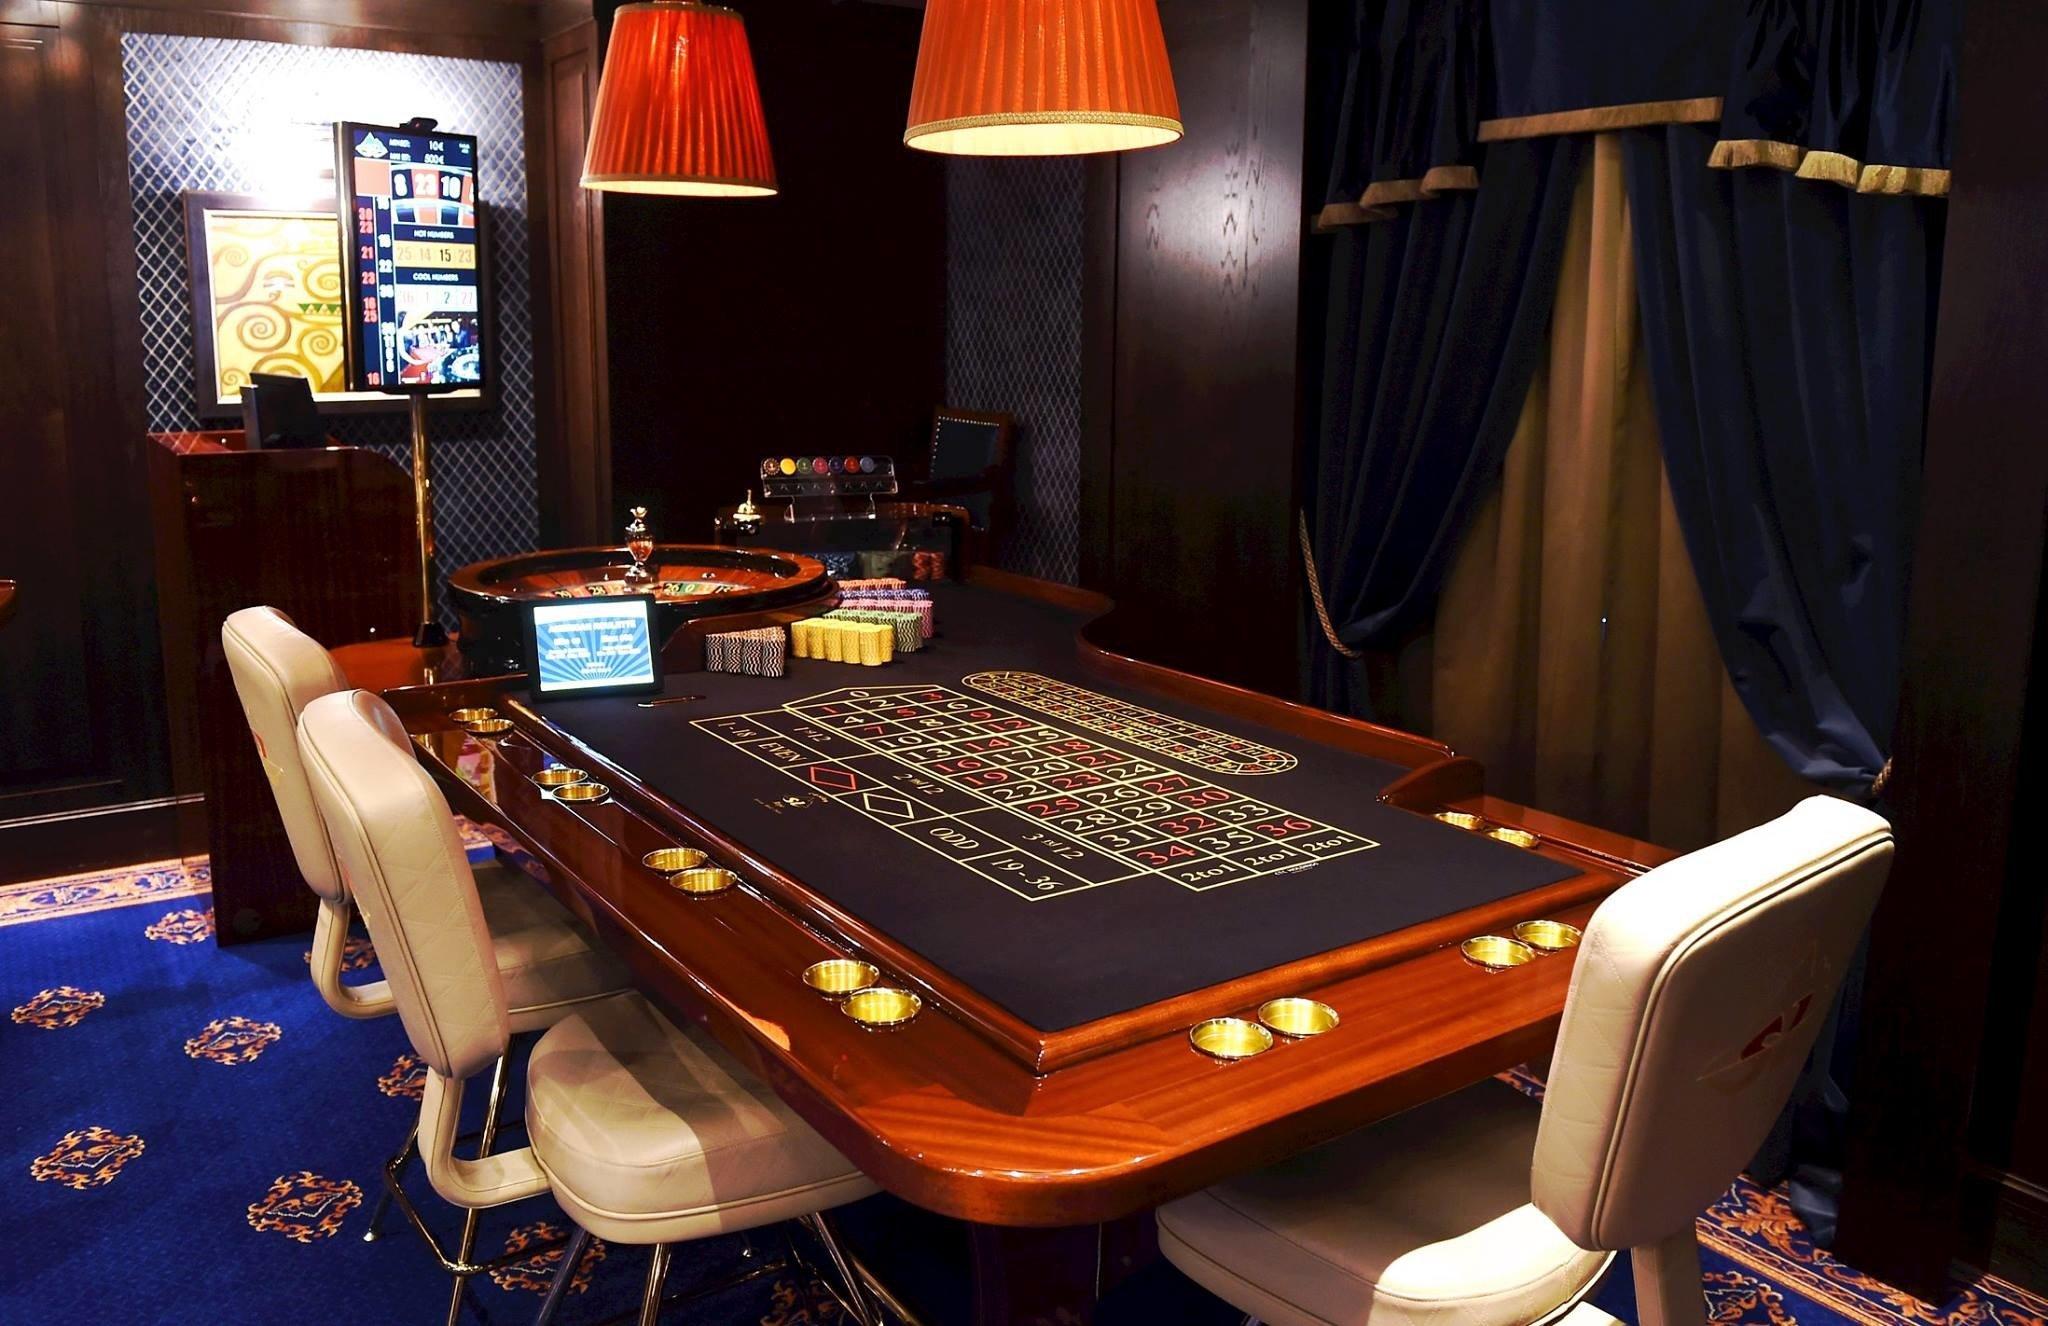 Торгово-промышленная палата Латвии оспорила запрет онлайн-казино на время пандемии коронавируса